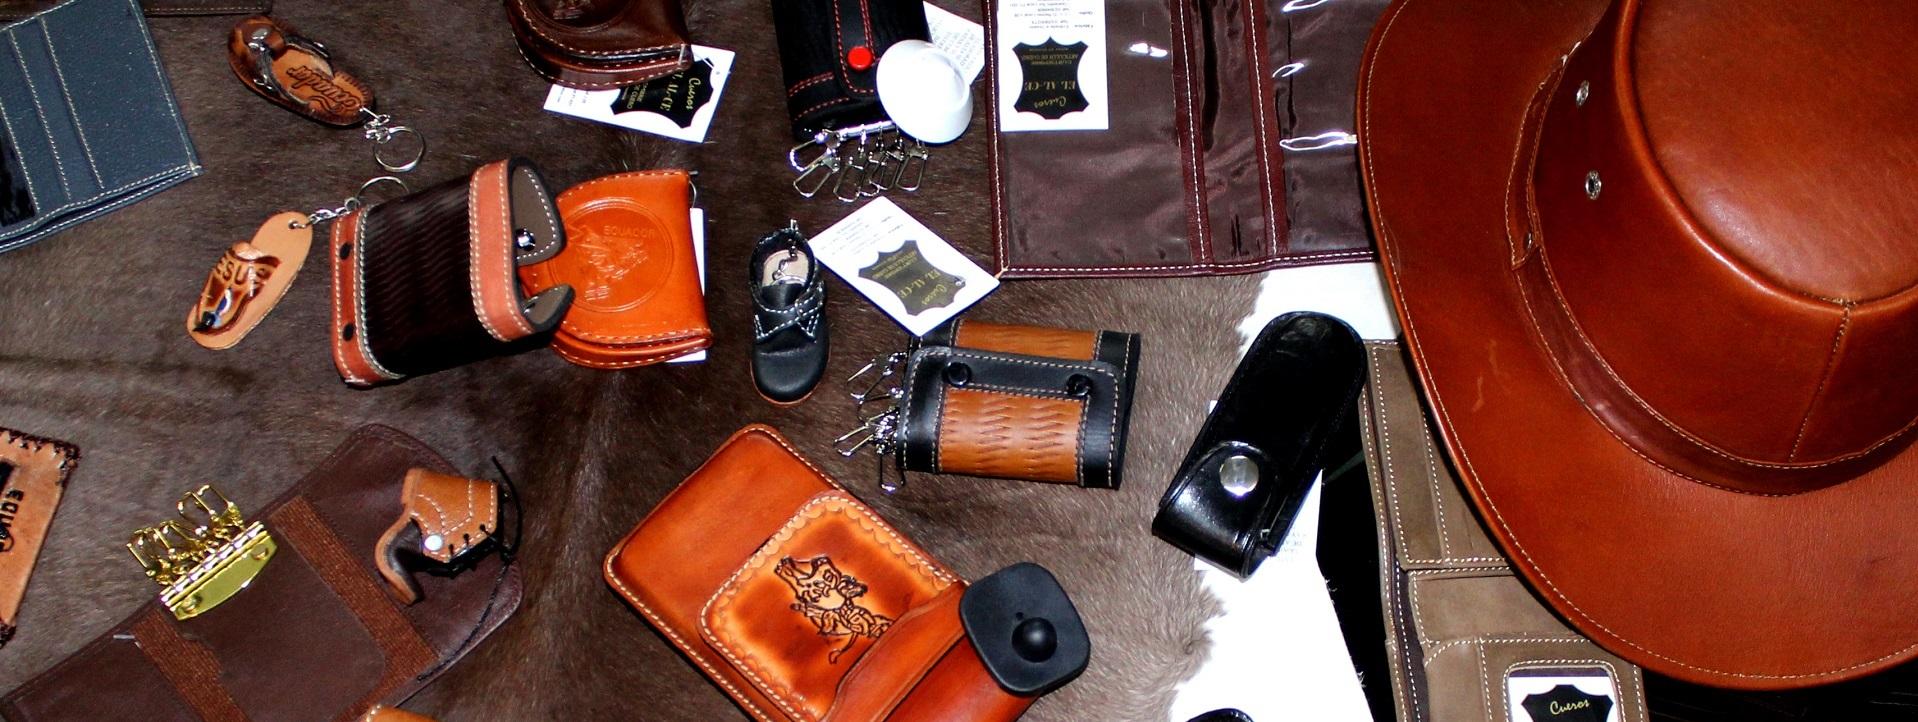 Cueros EL AL-CE. Contamos con variedad de productos de cuero.